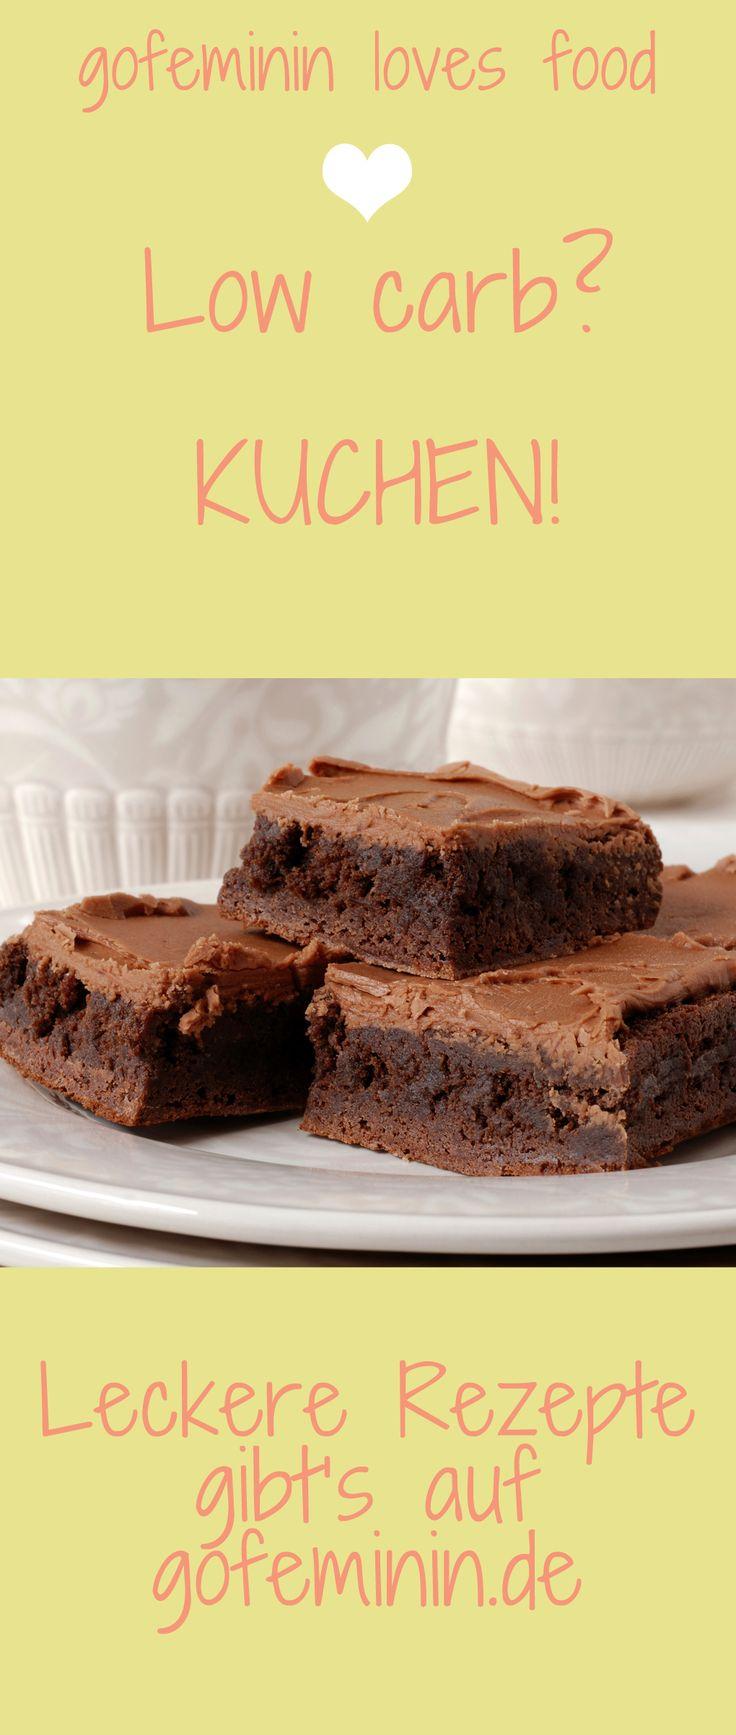 Sooo lecker! Low carb Kuchen zum Nachbacken: http://www.gofeminin.de/kochen-backen/low-carb-kuchen-s1439614.html  #kuchen #lowcarb